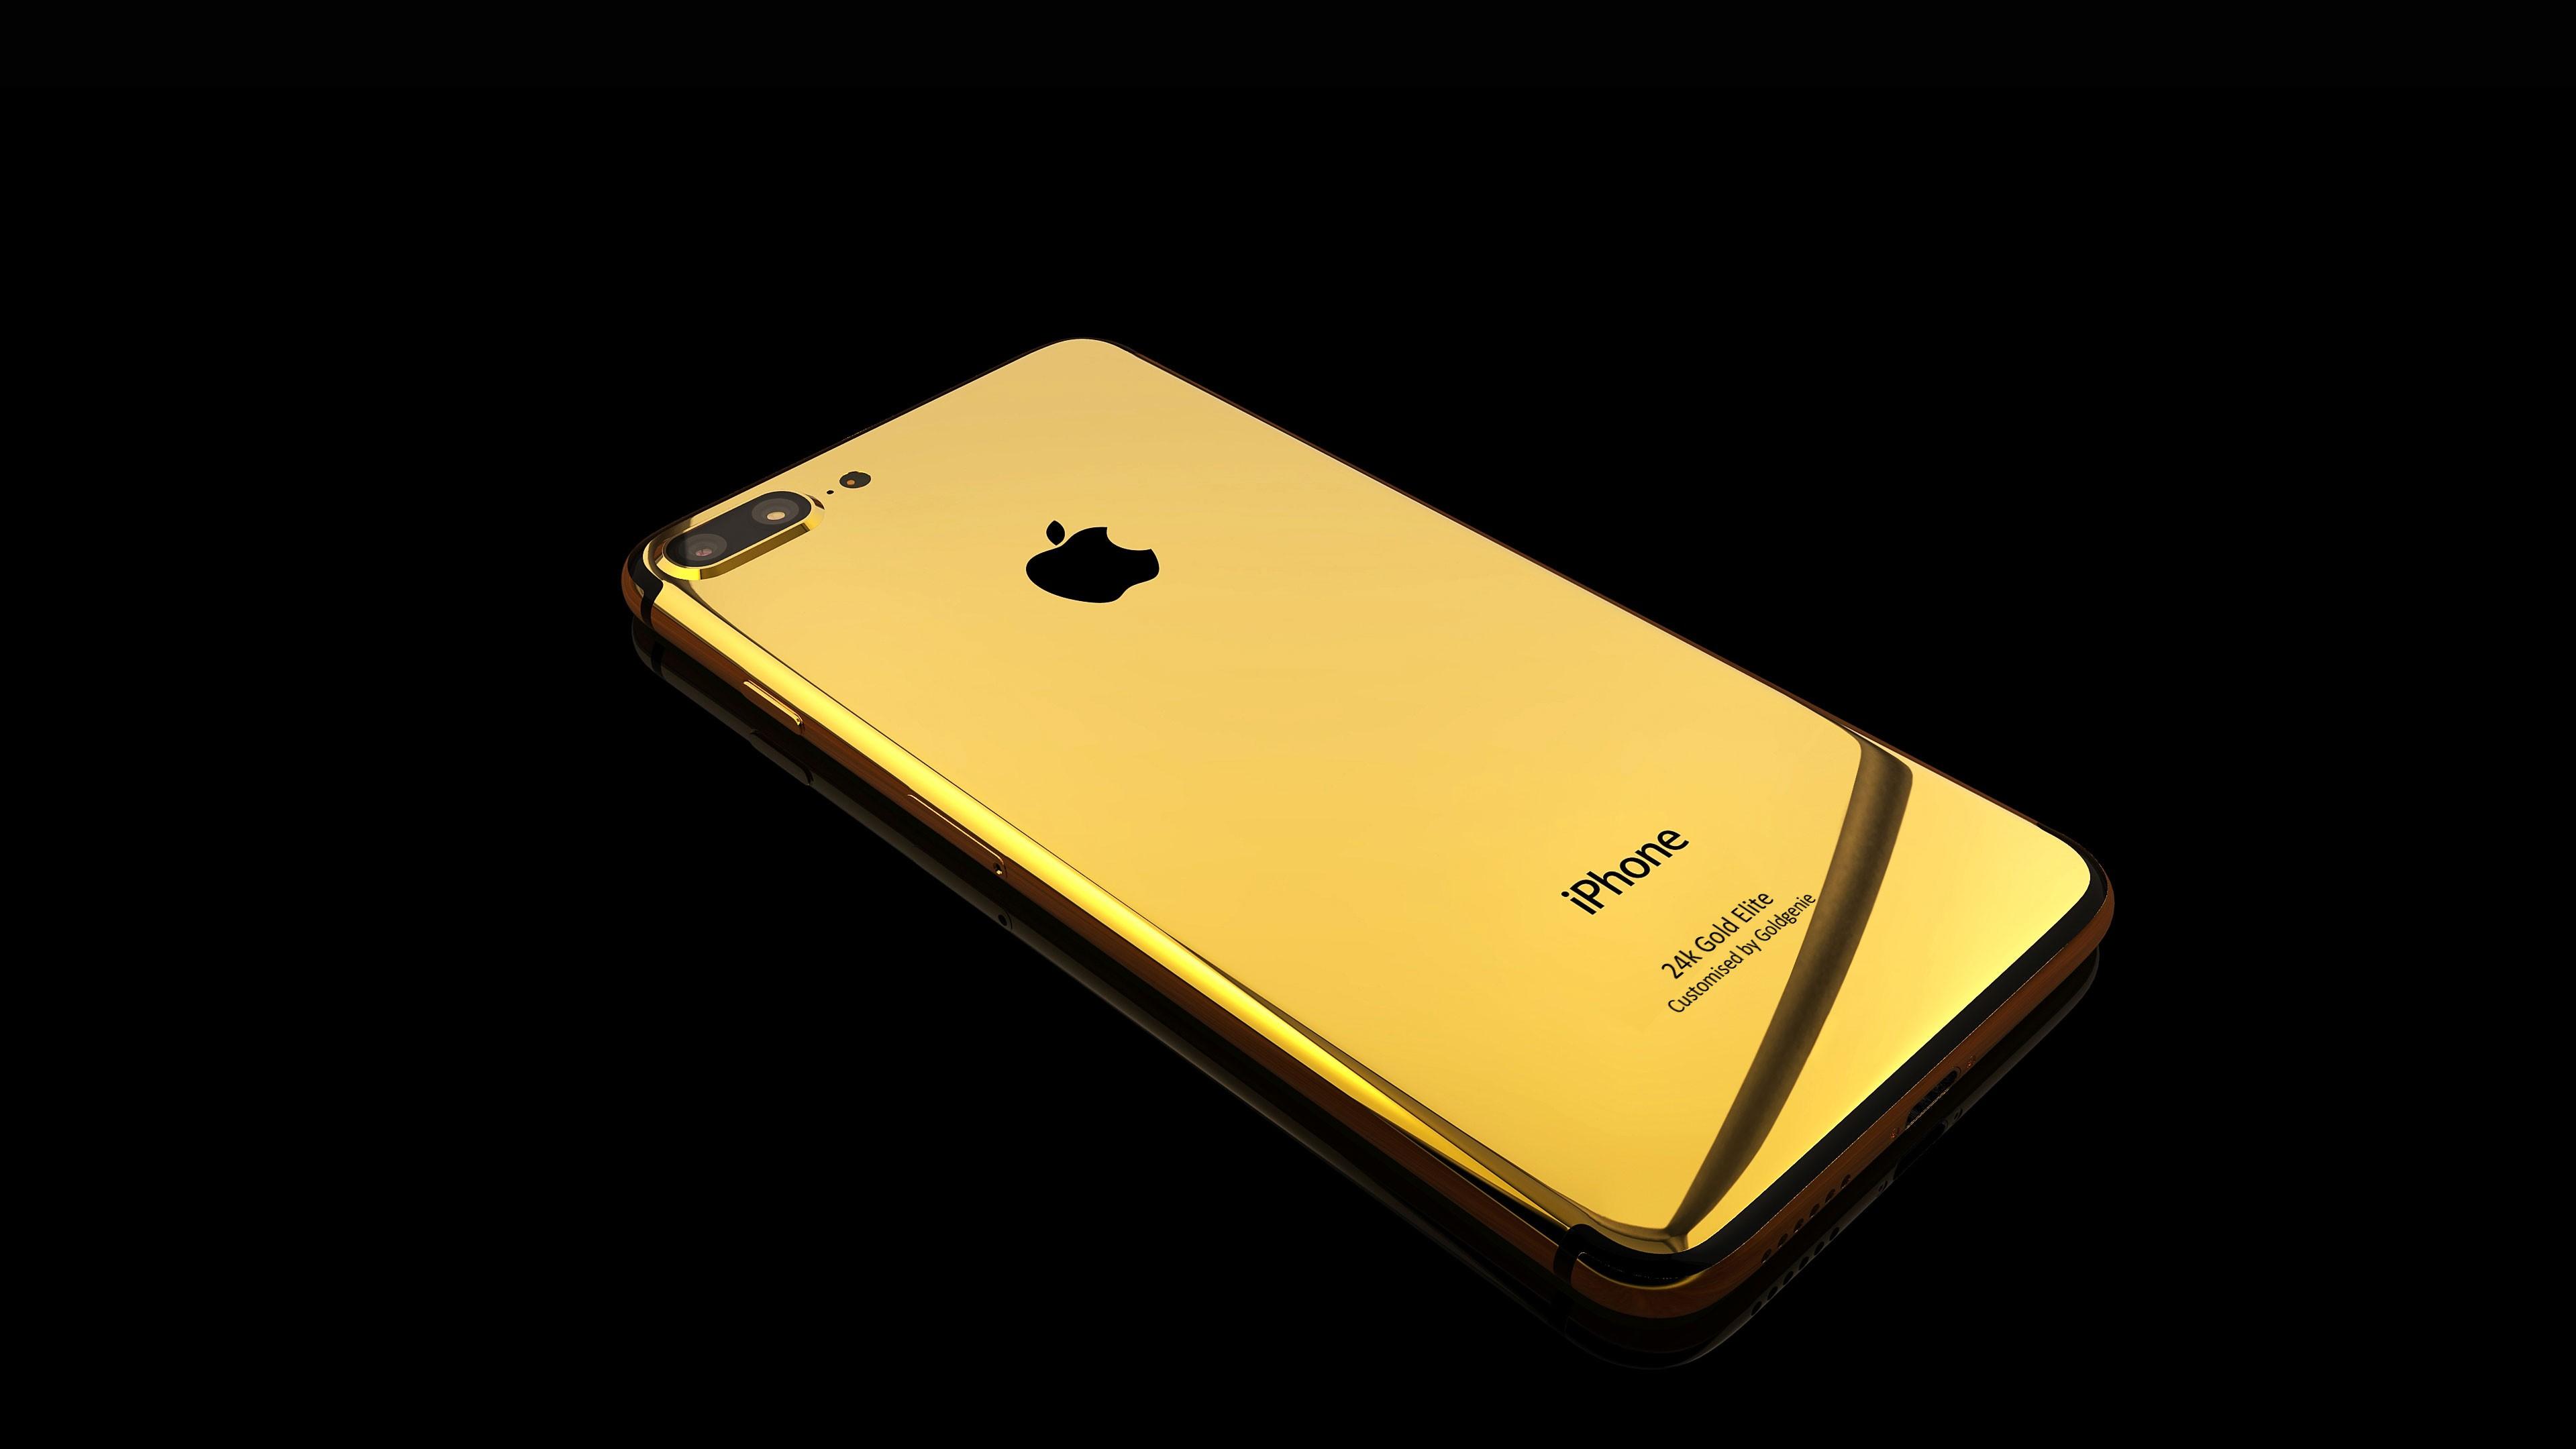 Wallpaper Iphone 7 Gold Review Best Smartphones 2016